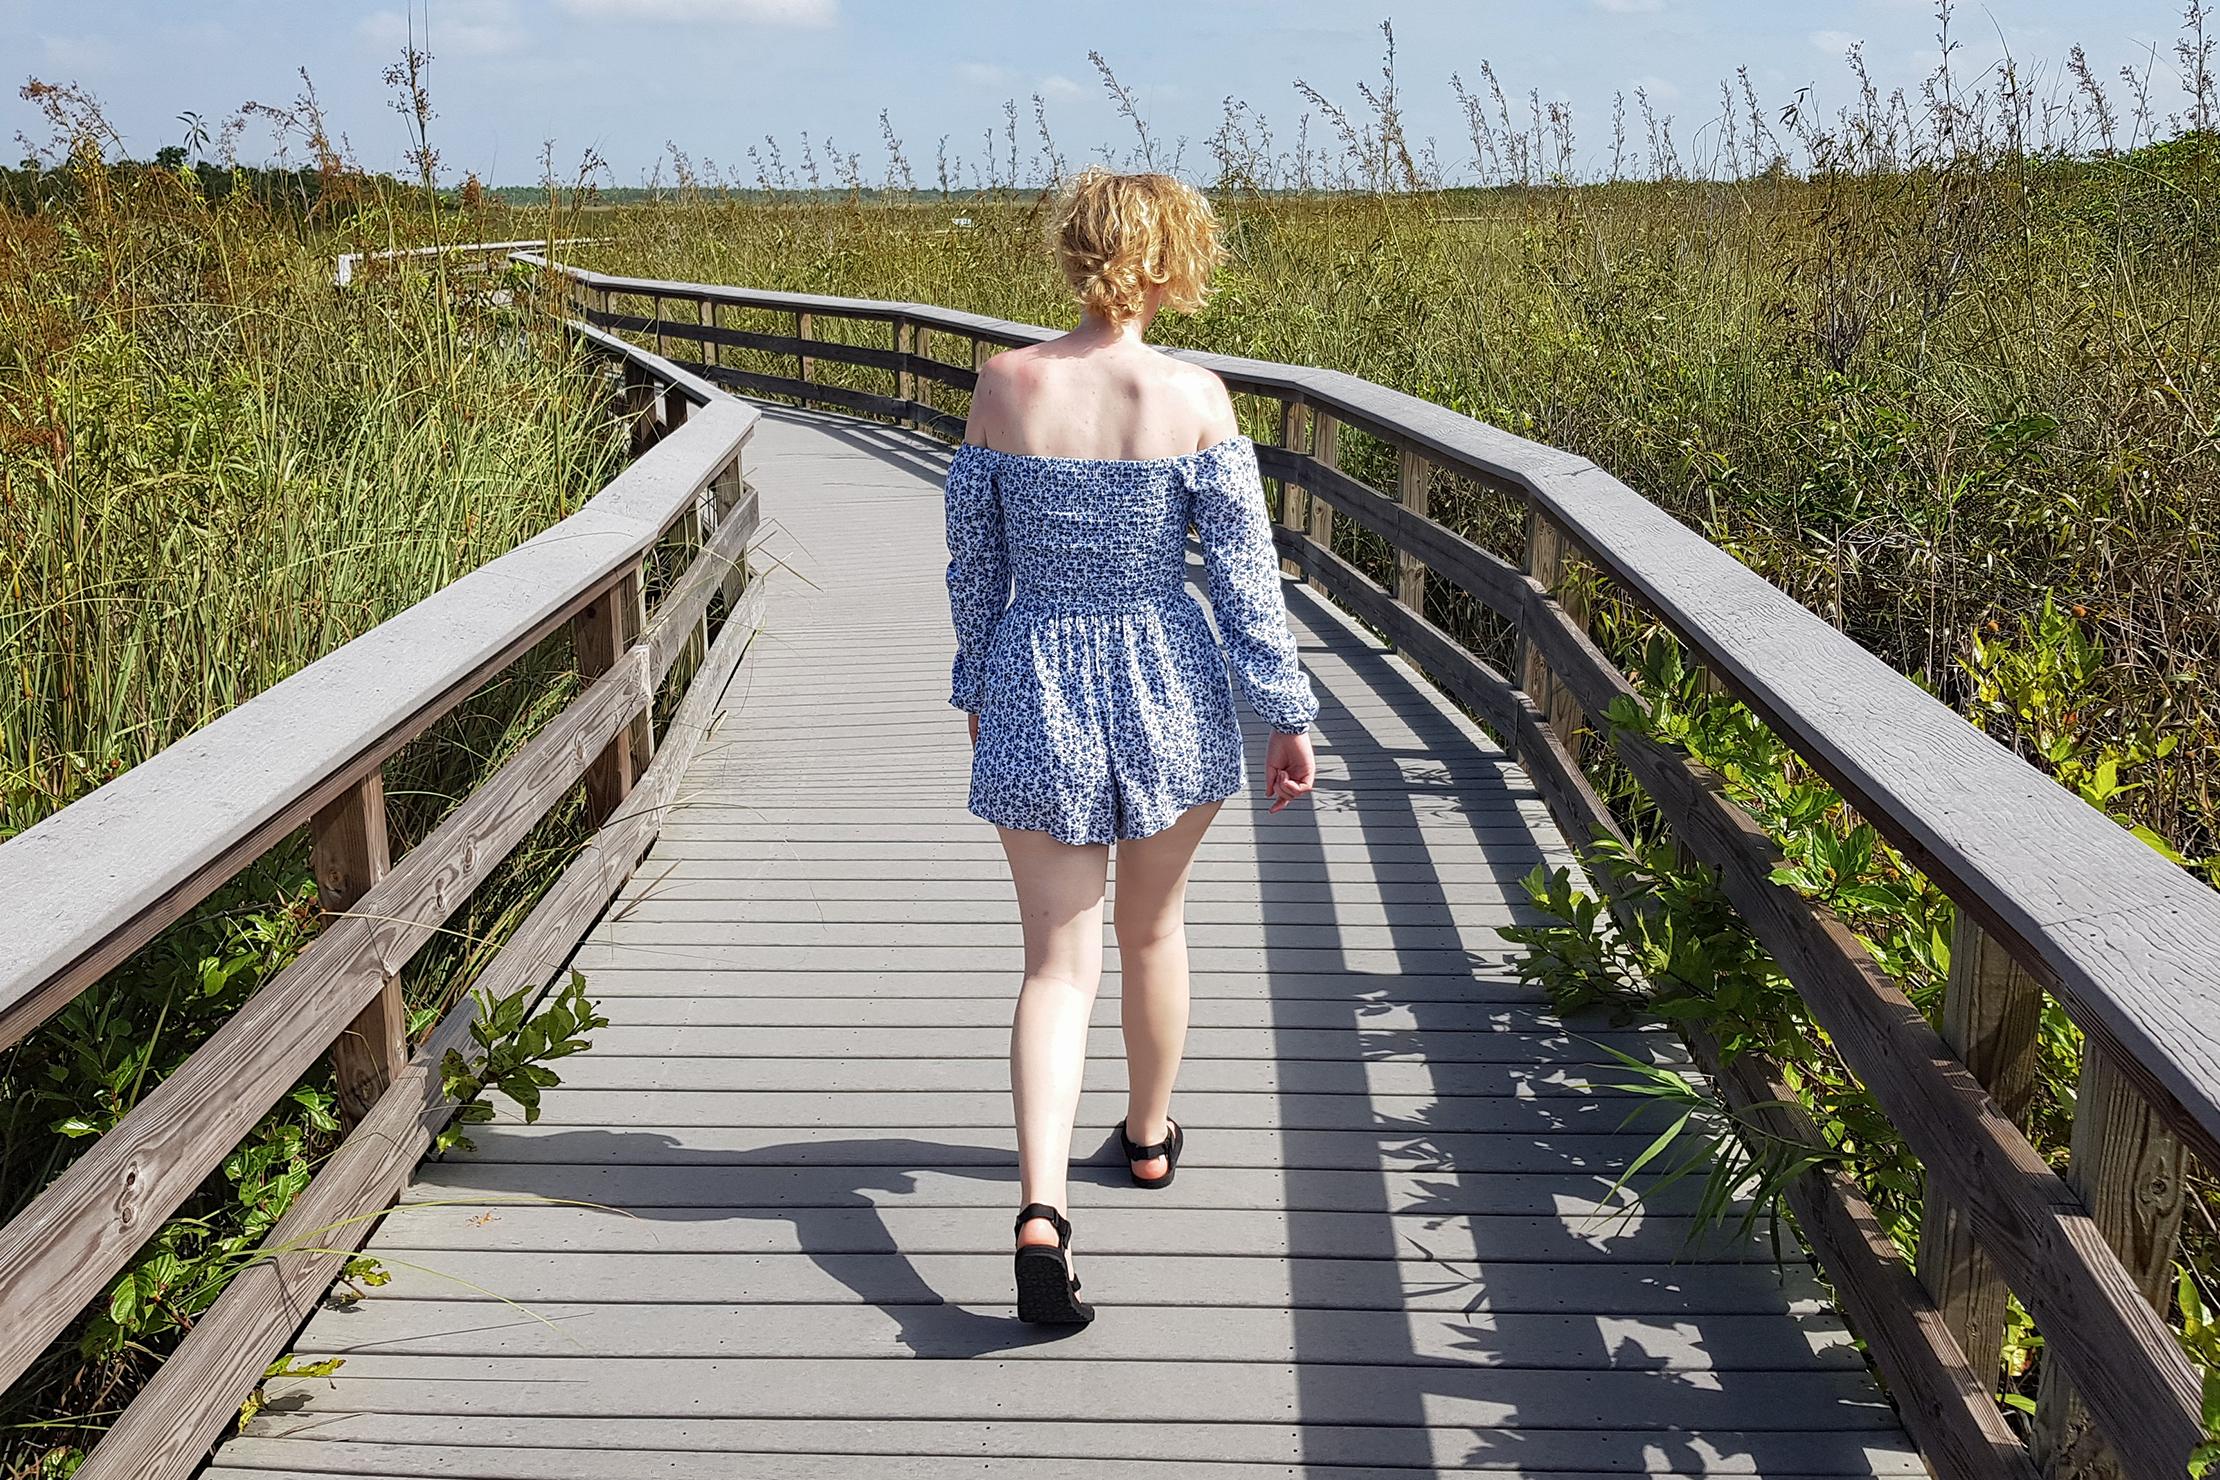 Teva Original Sandals In The Everglades Florida